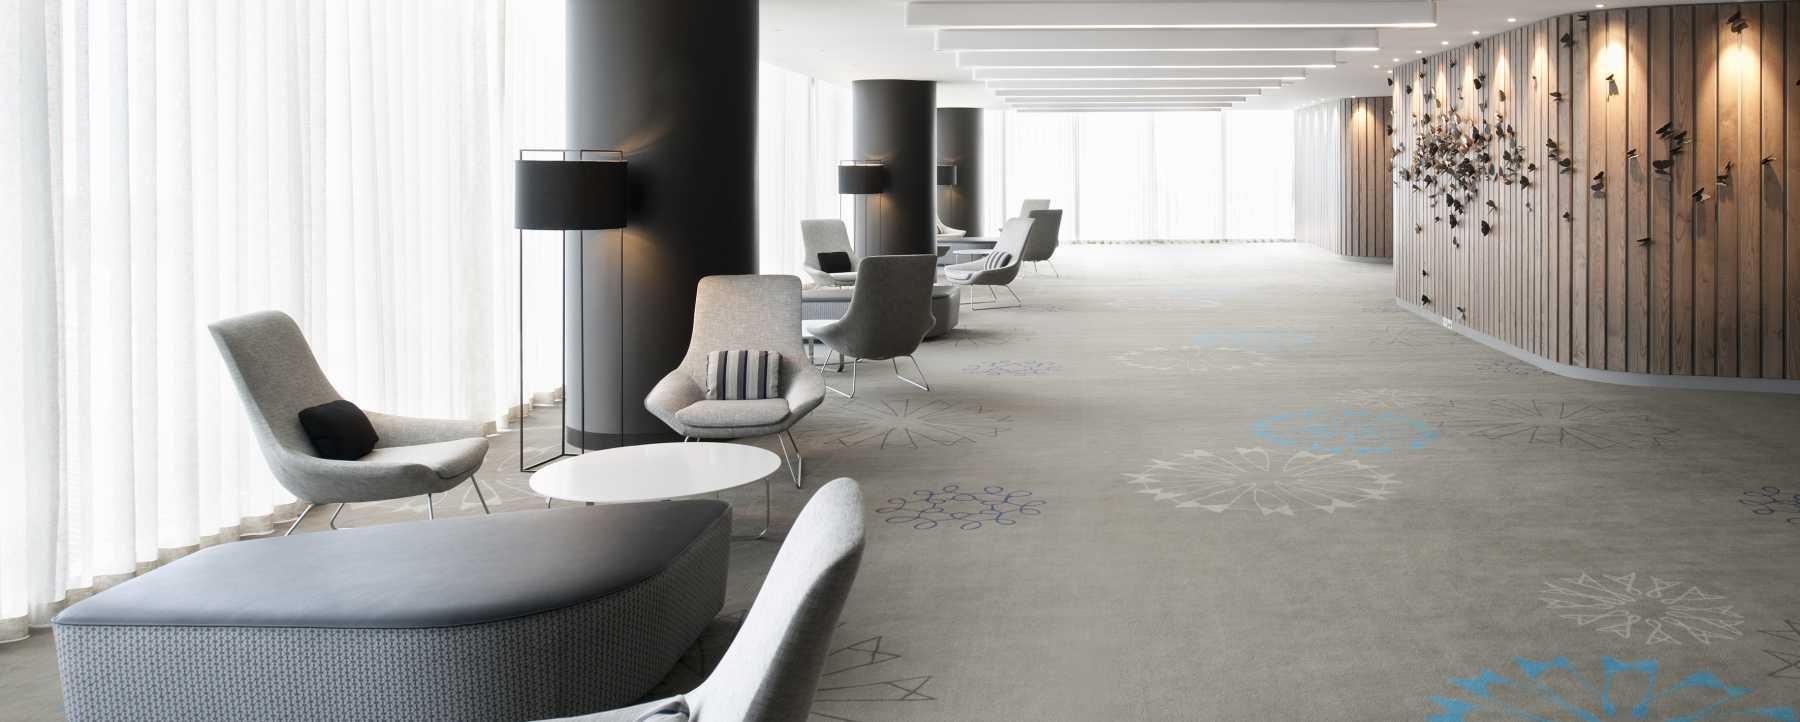 Metropol Meeting Space